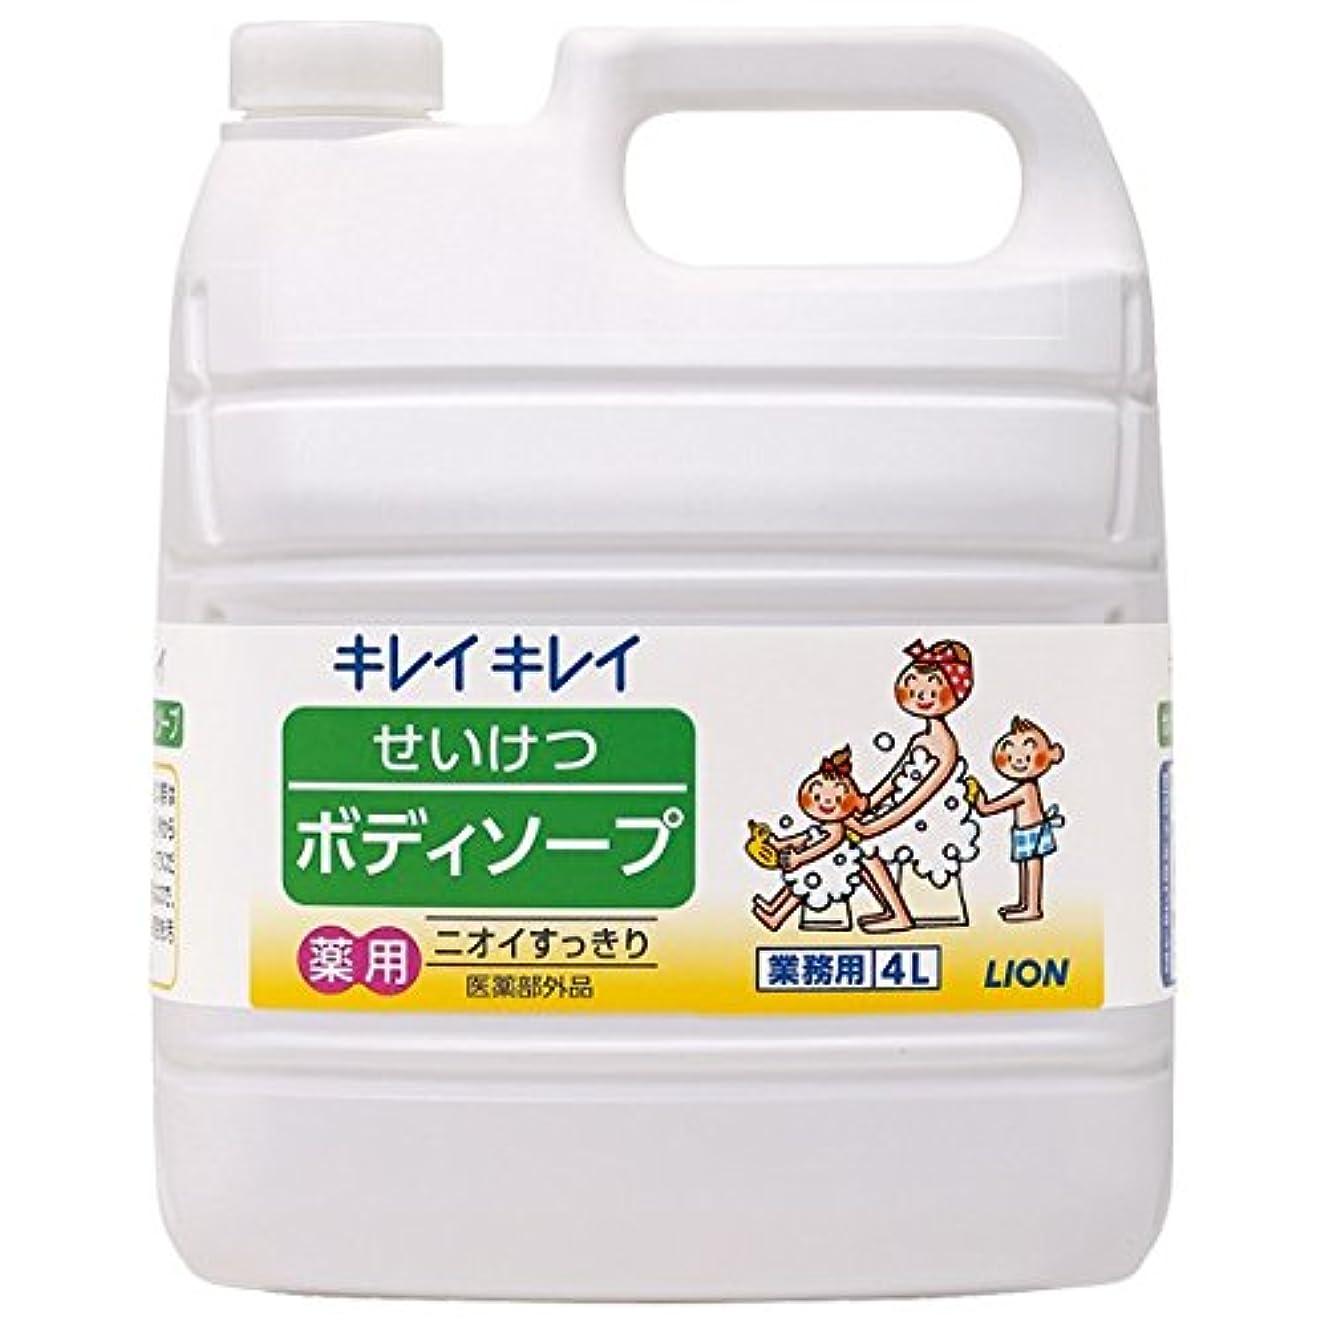 拷問道路敬意ライオン キレイキレイ せいけつボディソープ さわやかなレモン&オレンジの香り 業務用 4L×3本